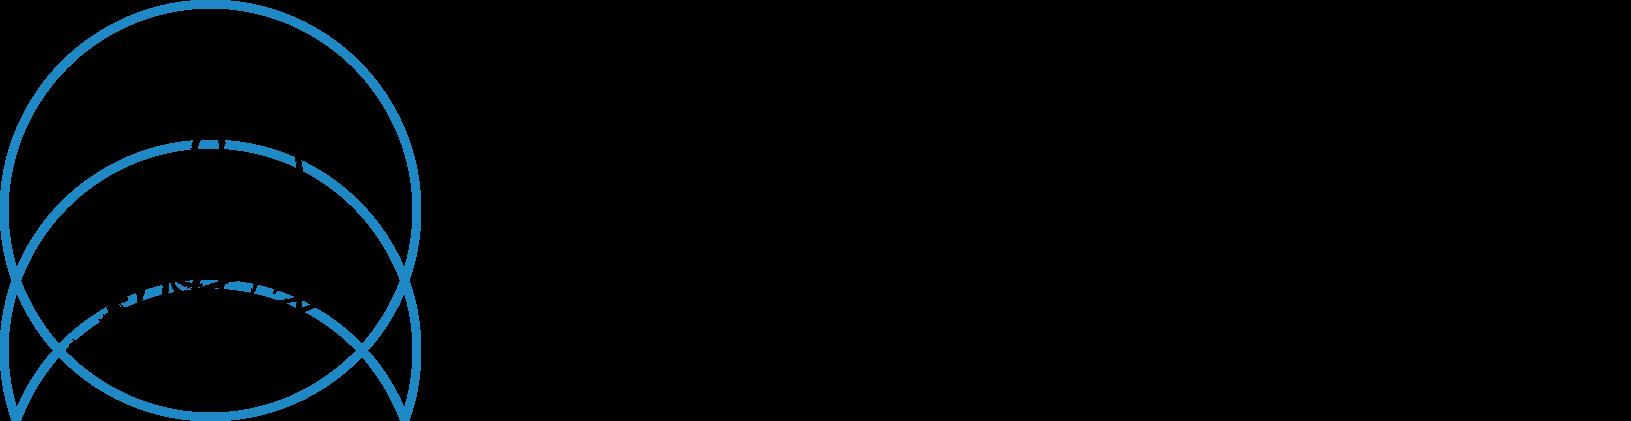 Association Telemark